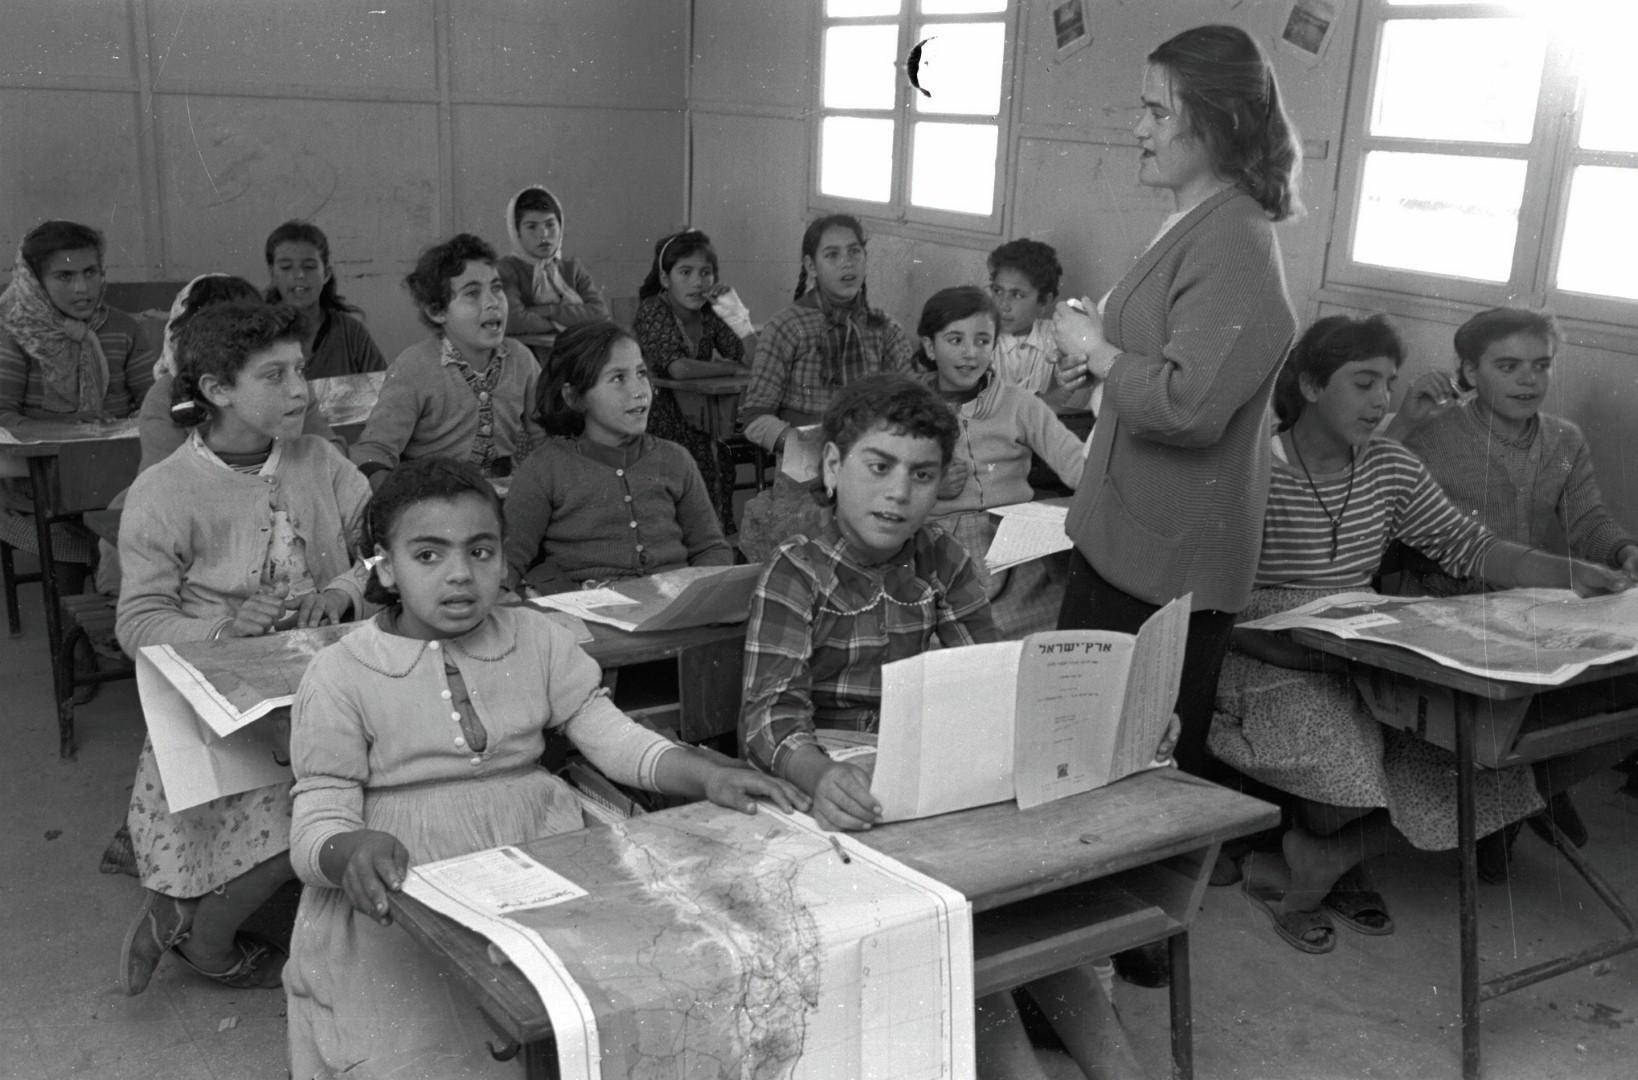 ילדי עולים לומדים במעברה (צילום: דוד רובינגר)